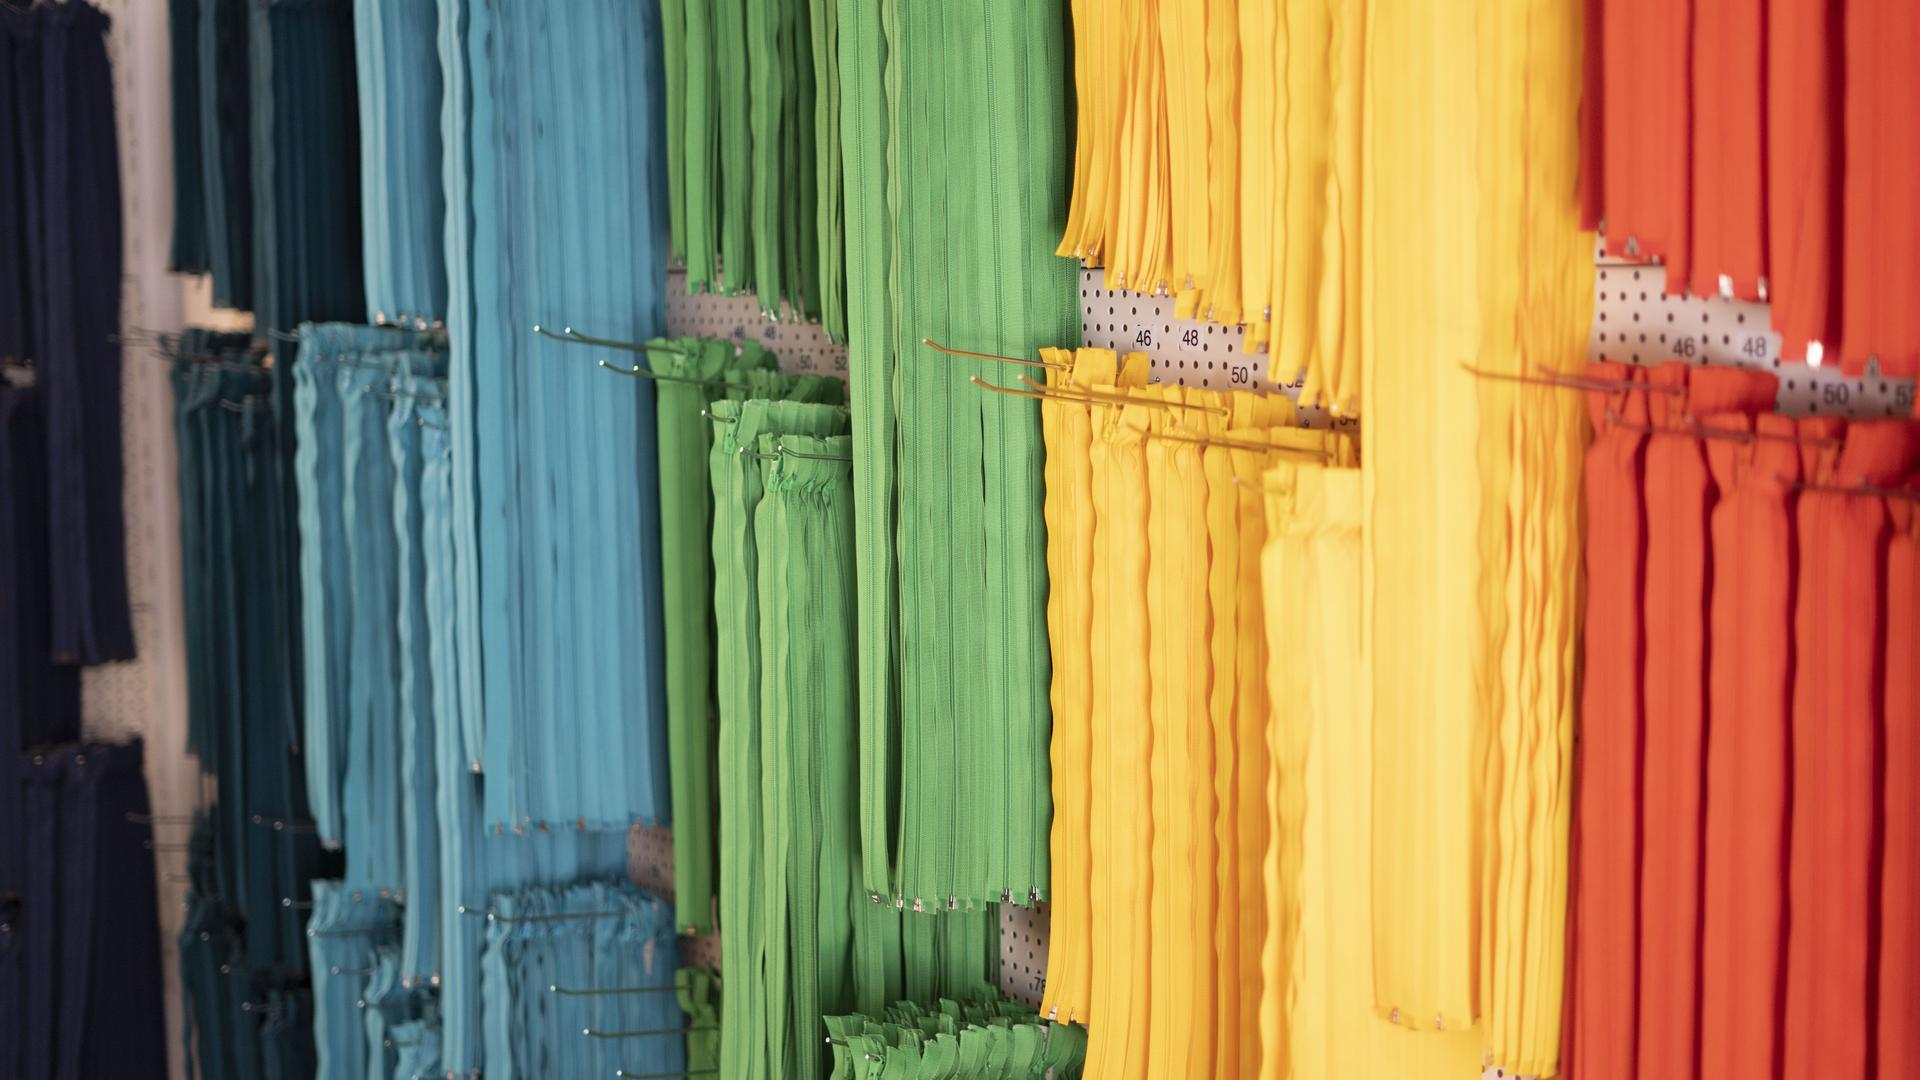 Reißverschlüsse in allen Regenbogenfarben hängen an der Wand der Schneiderei.